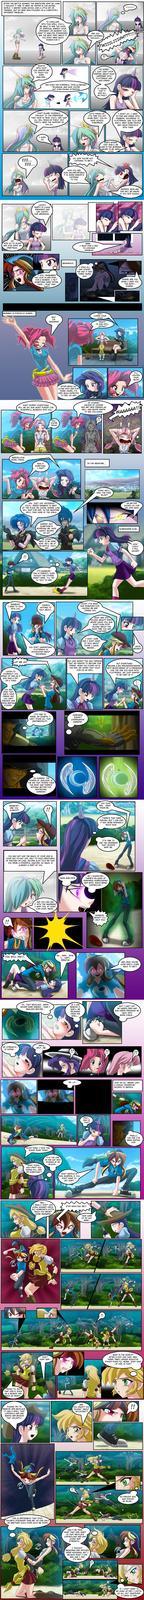 Friendship Is Magic 04